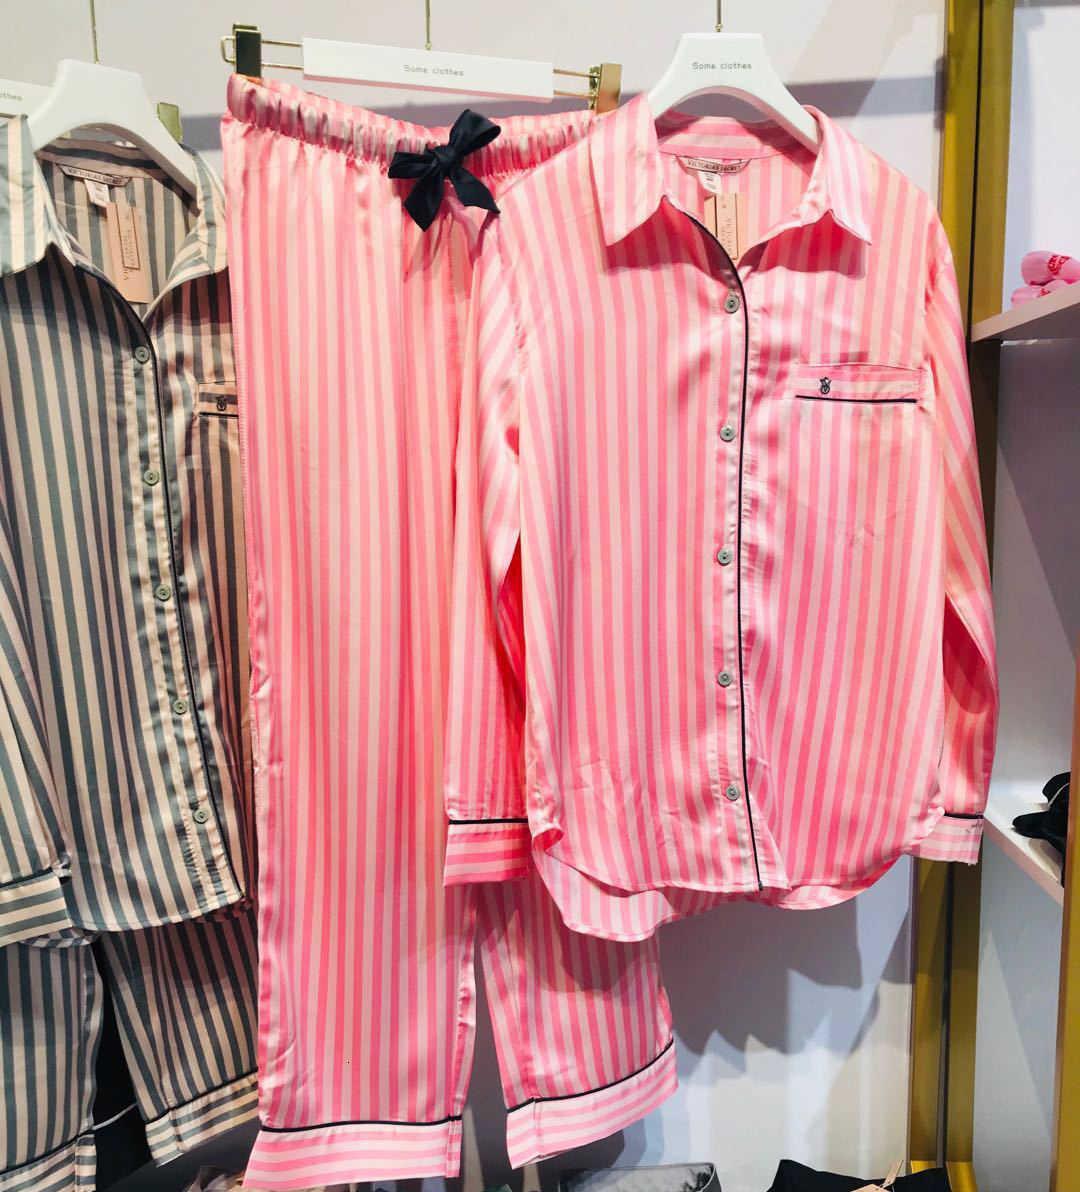 Pijamas de primavera de verano para pantalones, pantalones para mujer Ropa de dormir de seda satinada Dos piezas Set de manga larga PJS de manga larga PJS Salón Desgaste de la noche ropa de hogar